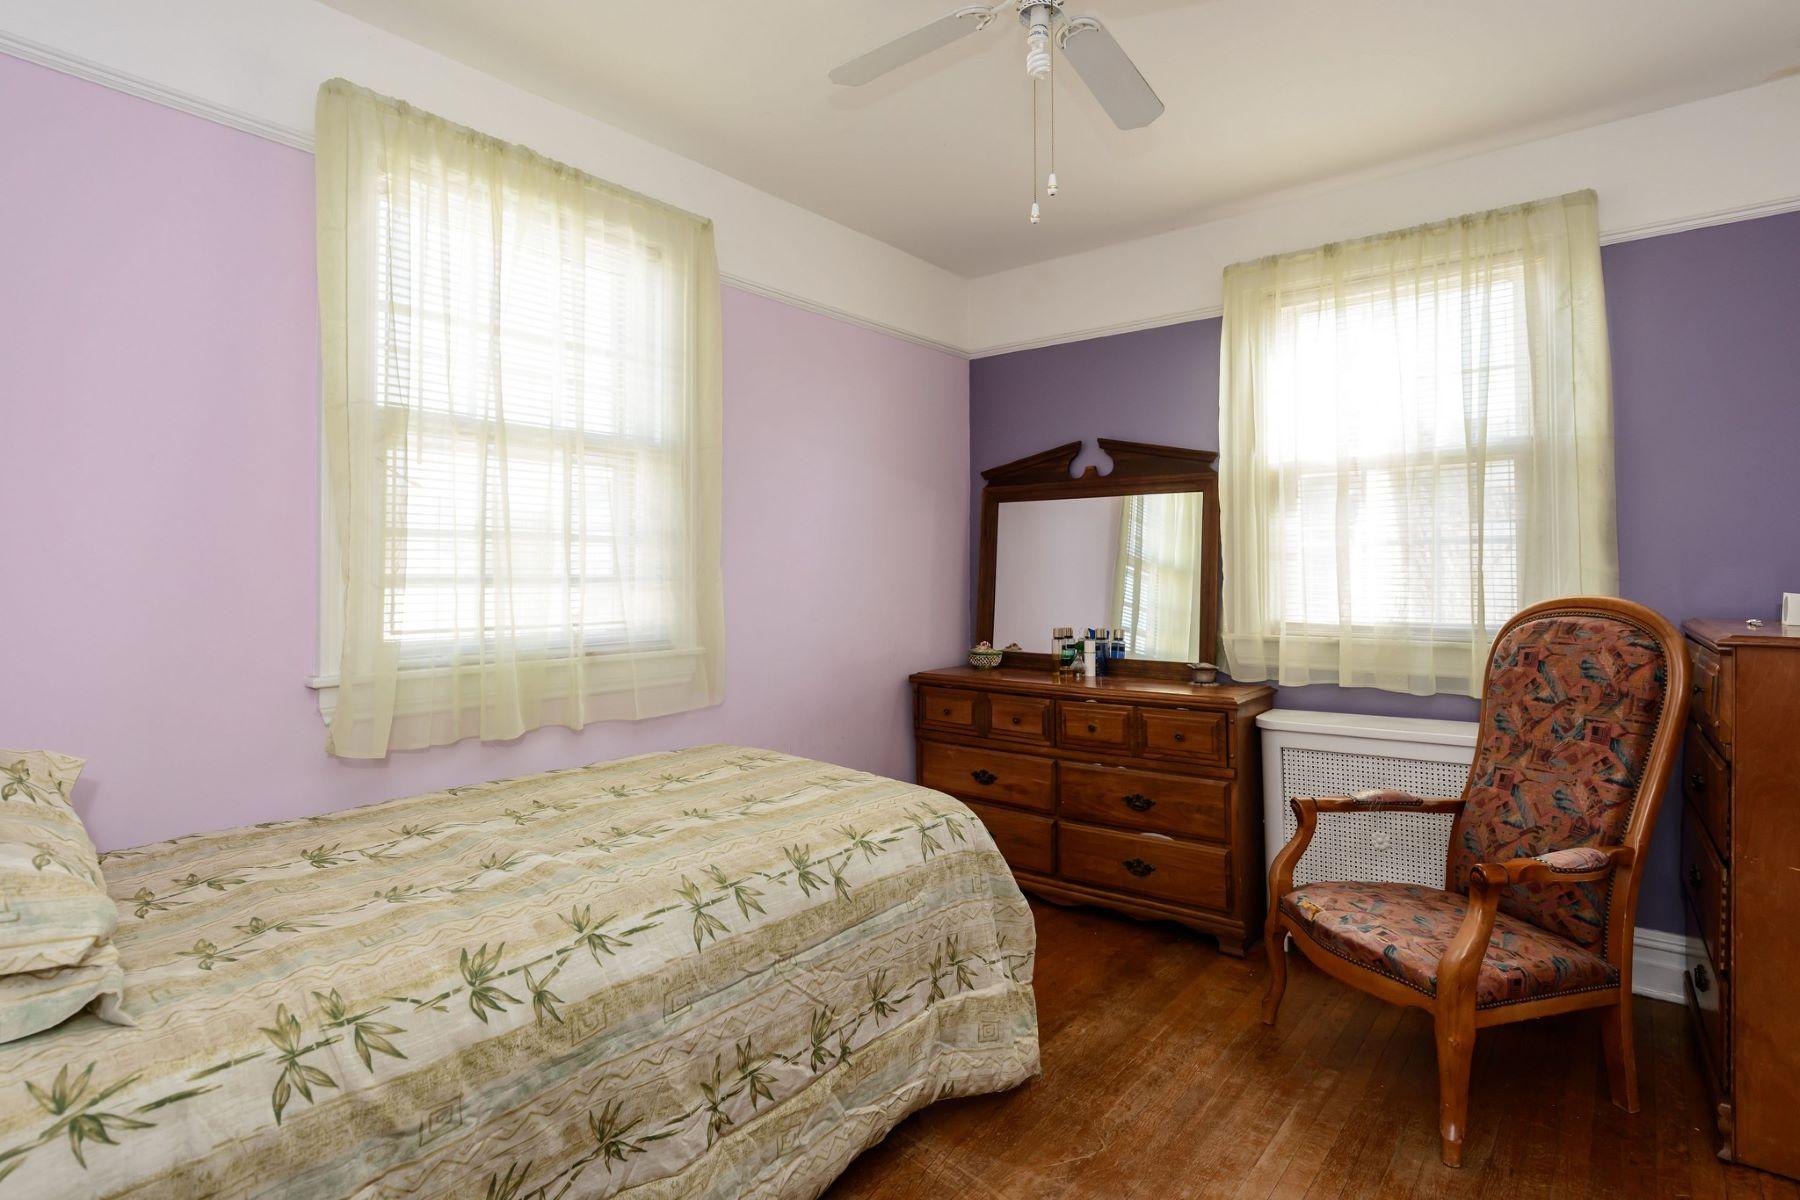 واحد منزل الأسرة للـ Sale في 150 Academy Pl , W. Hempstead, NY 11552 150 Academy Pl, West Hempstead, New York, 11552 United States